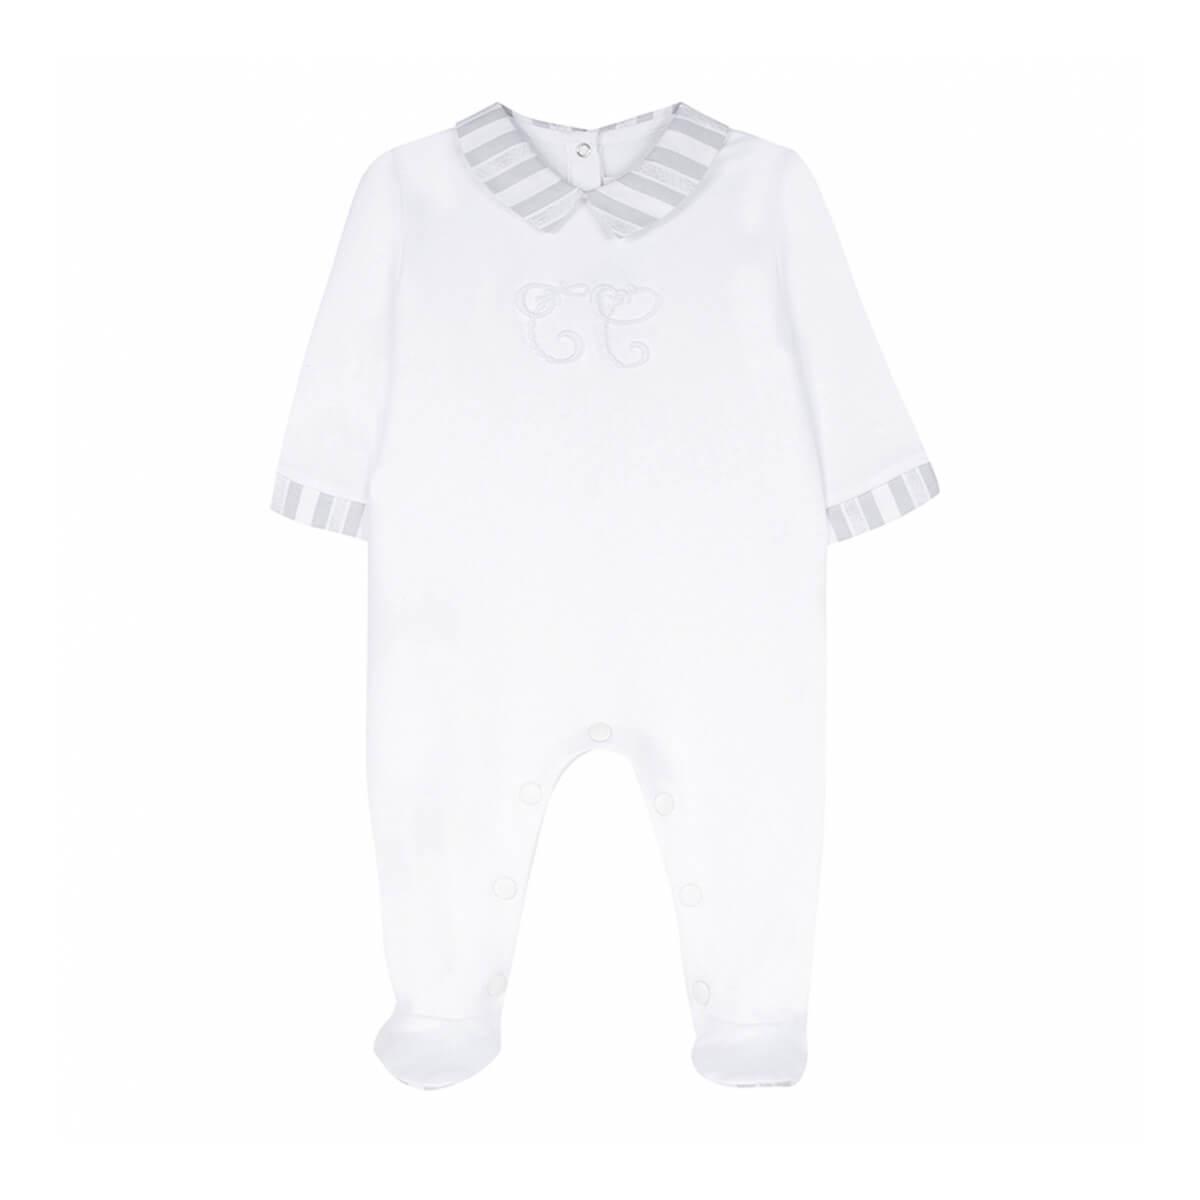 Baby-Anzug weiß mit grauen Details